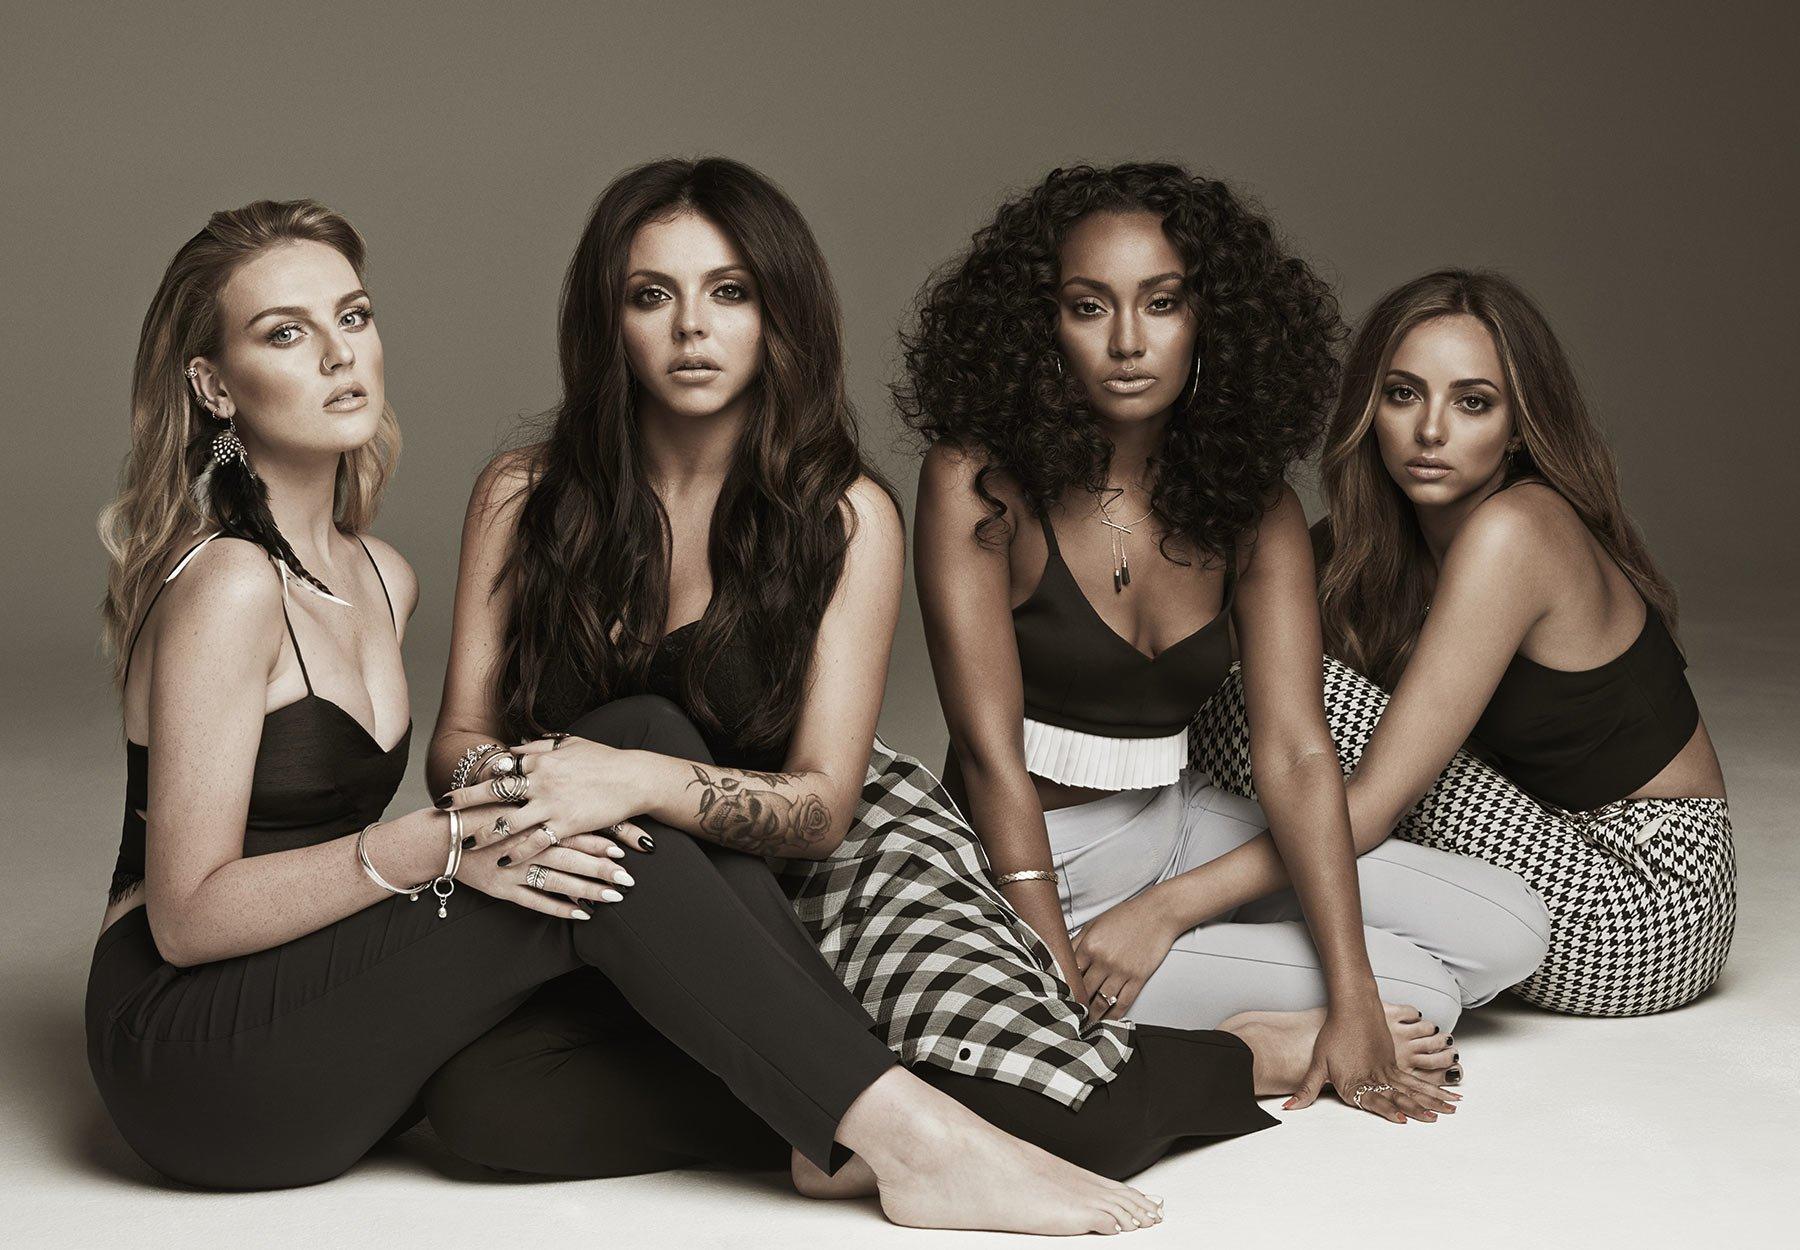 En show de Little Mix rinden tributo a los muertos del atentado en Manchester